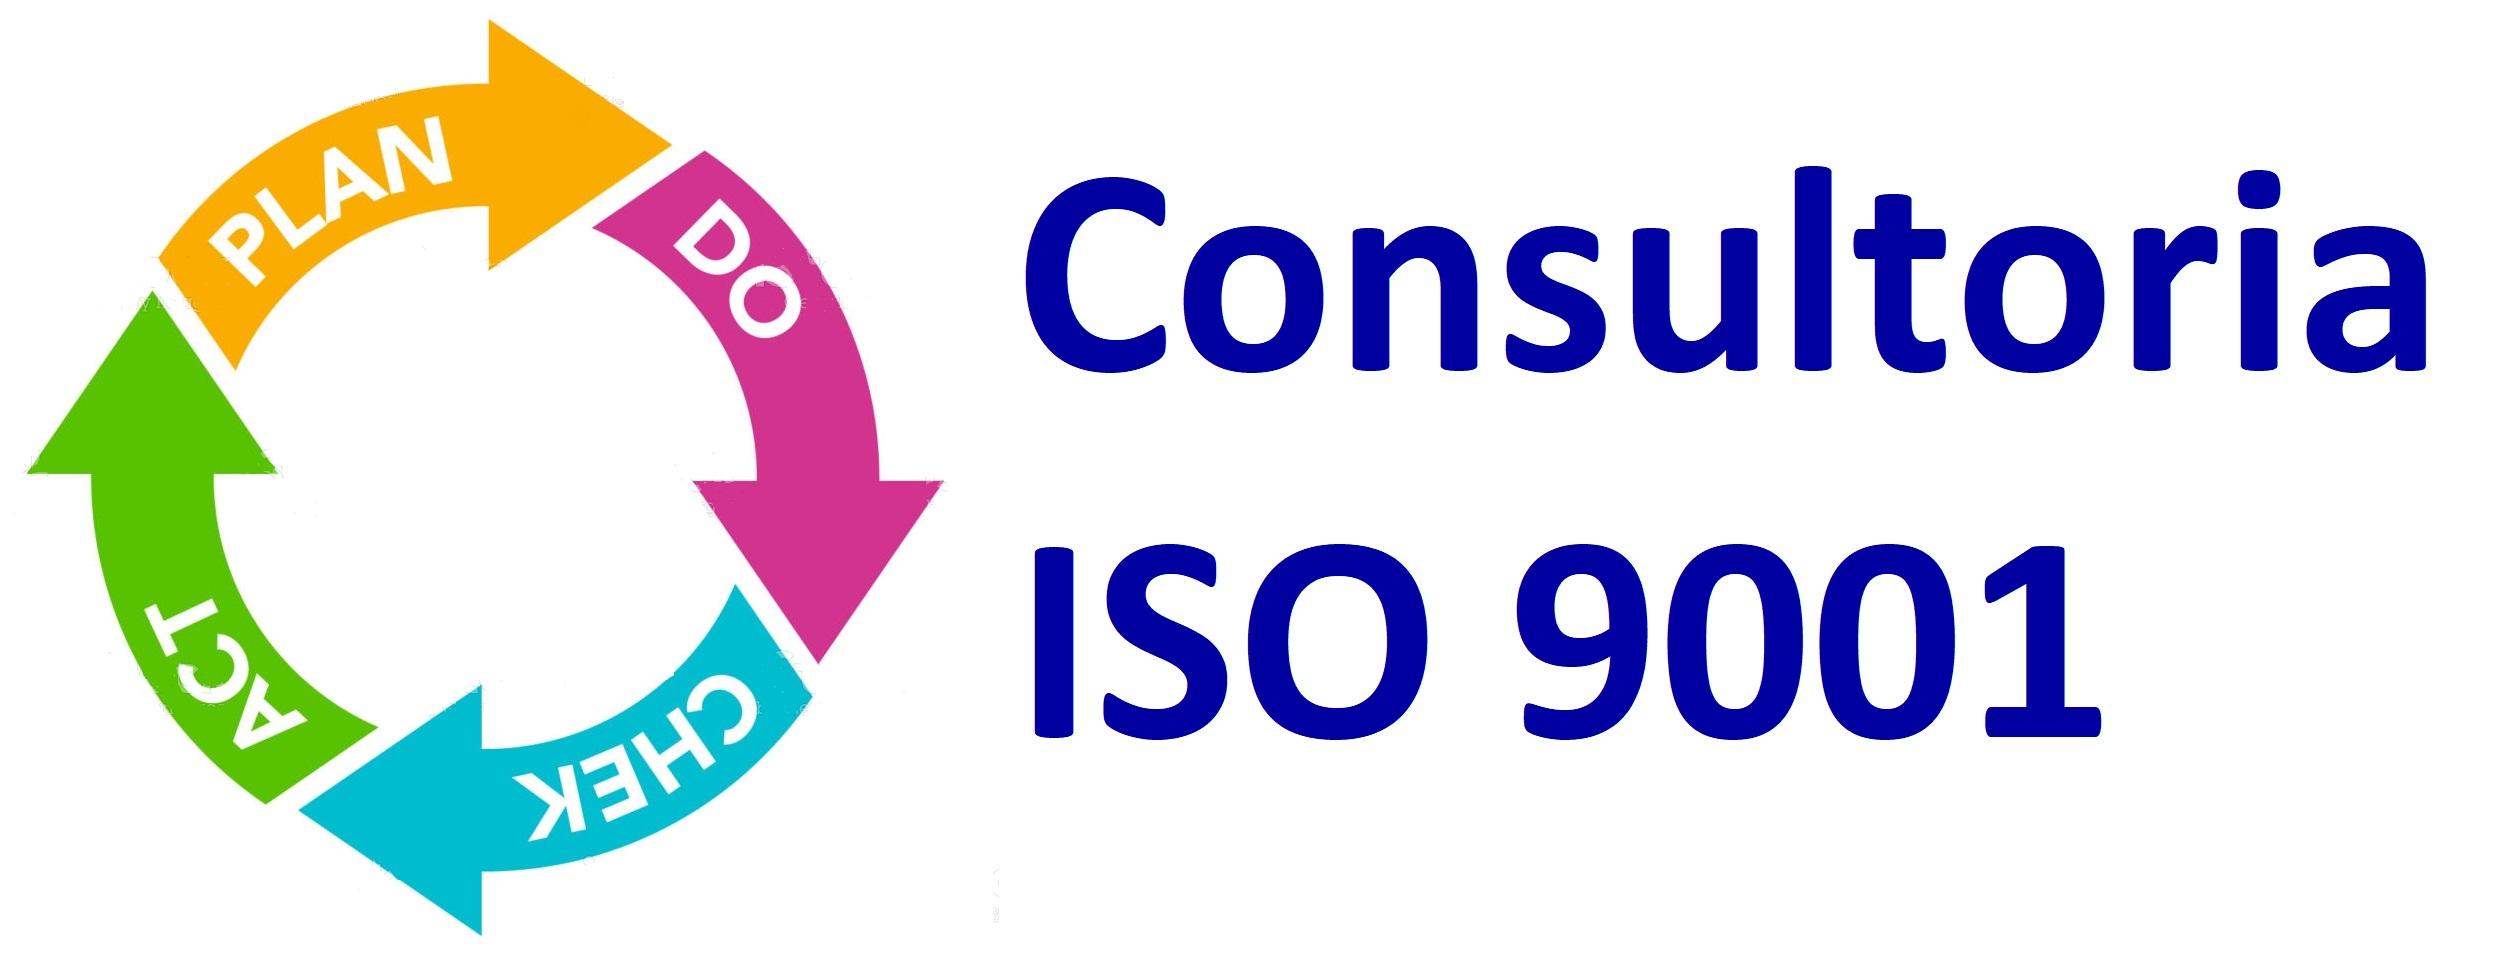 Consultoría certificación ISO 9001 - Consultoria ISO 9001